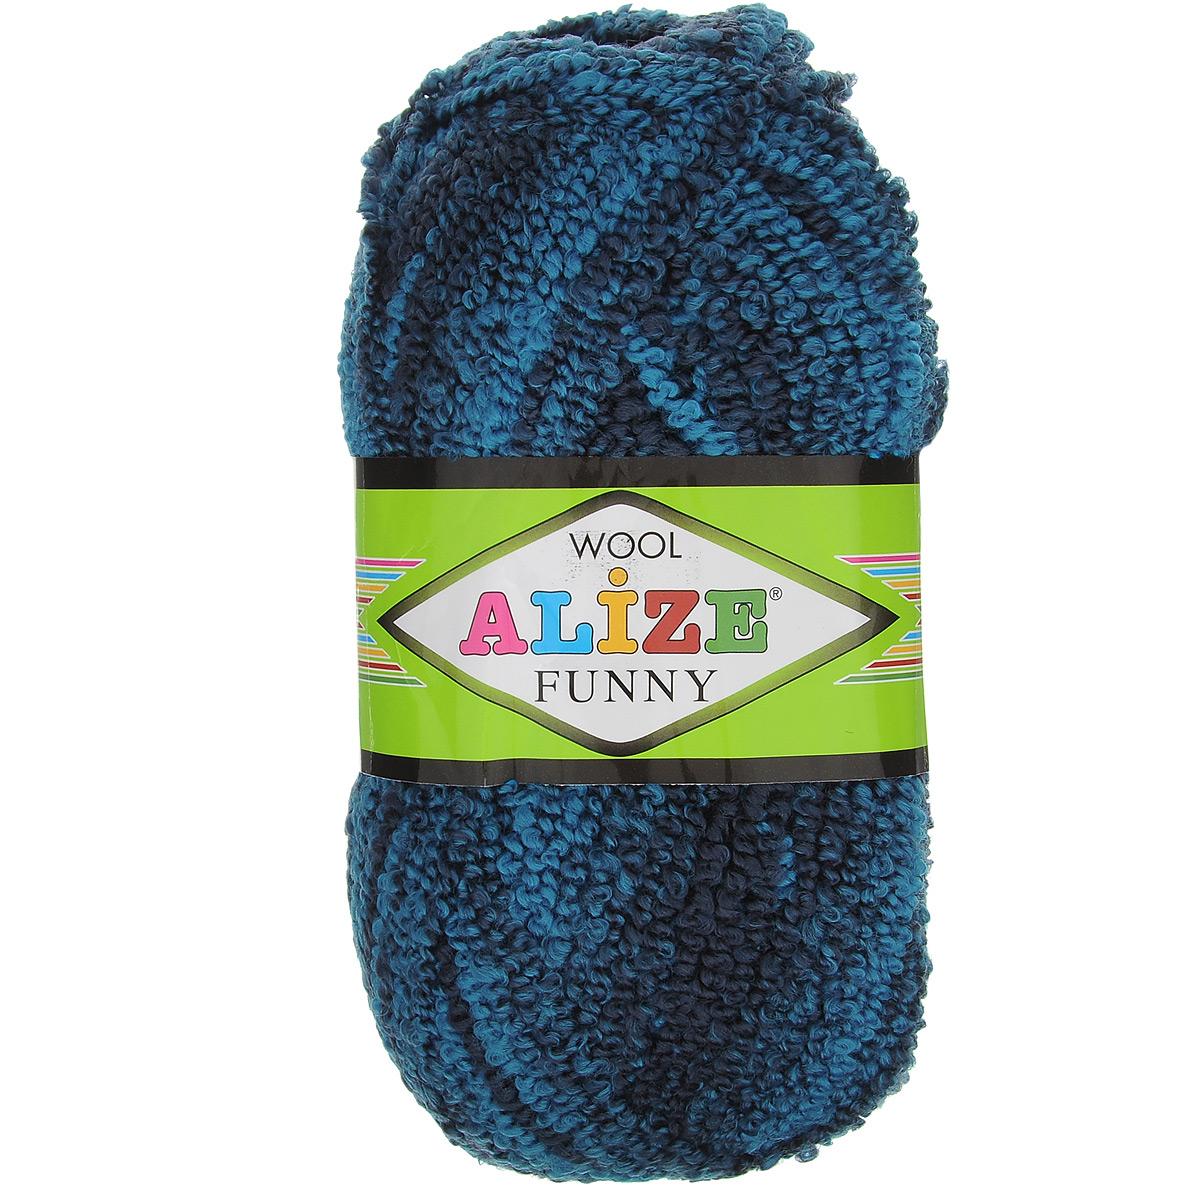 Пряжа для вязания Alize Wool Funny, цвет: черный, морской волны (1322), 170 м, 100 г, 5 шт364110_1322Пряжа для вязания Alize Wool Funny изготовлена из акрила, шерсти и полиэстера. Шерстяную пряжу лучше использовать для вязания верхней одежды. У нее более толстая и прочная нить. Вещи, связанные из такой пряжи, прекрасно согревают и при правильном уходе долго носятся. В качестве моделей для вязки можно рекомендовать плотные вещи: пальто, осенние длинные кардиганы, пончо, болеро, мужские свитера. Рассчитана на любой уровень мастерства, но особенно понравится начинающим мастерицам - благодаря толстой нити пряжа Alize Wool Funny позволяет быстро связать простую вещь. Структура и состав пряжи максимально комфортны для вязания. Рекомендованные спицы для вязания: № 6-7 мм. Комплектация: 5 мотков. Состав: 73% акрил, 20% шерсть, 7% полиэстер.